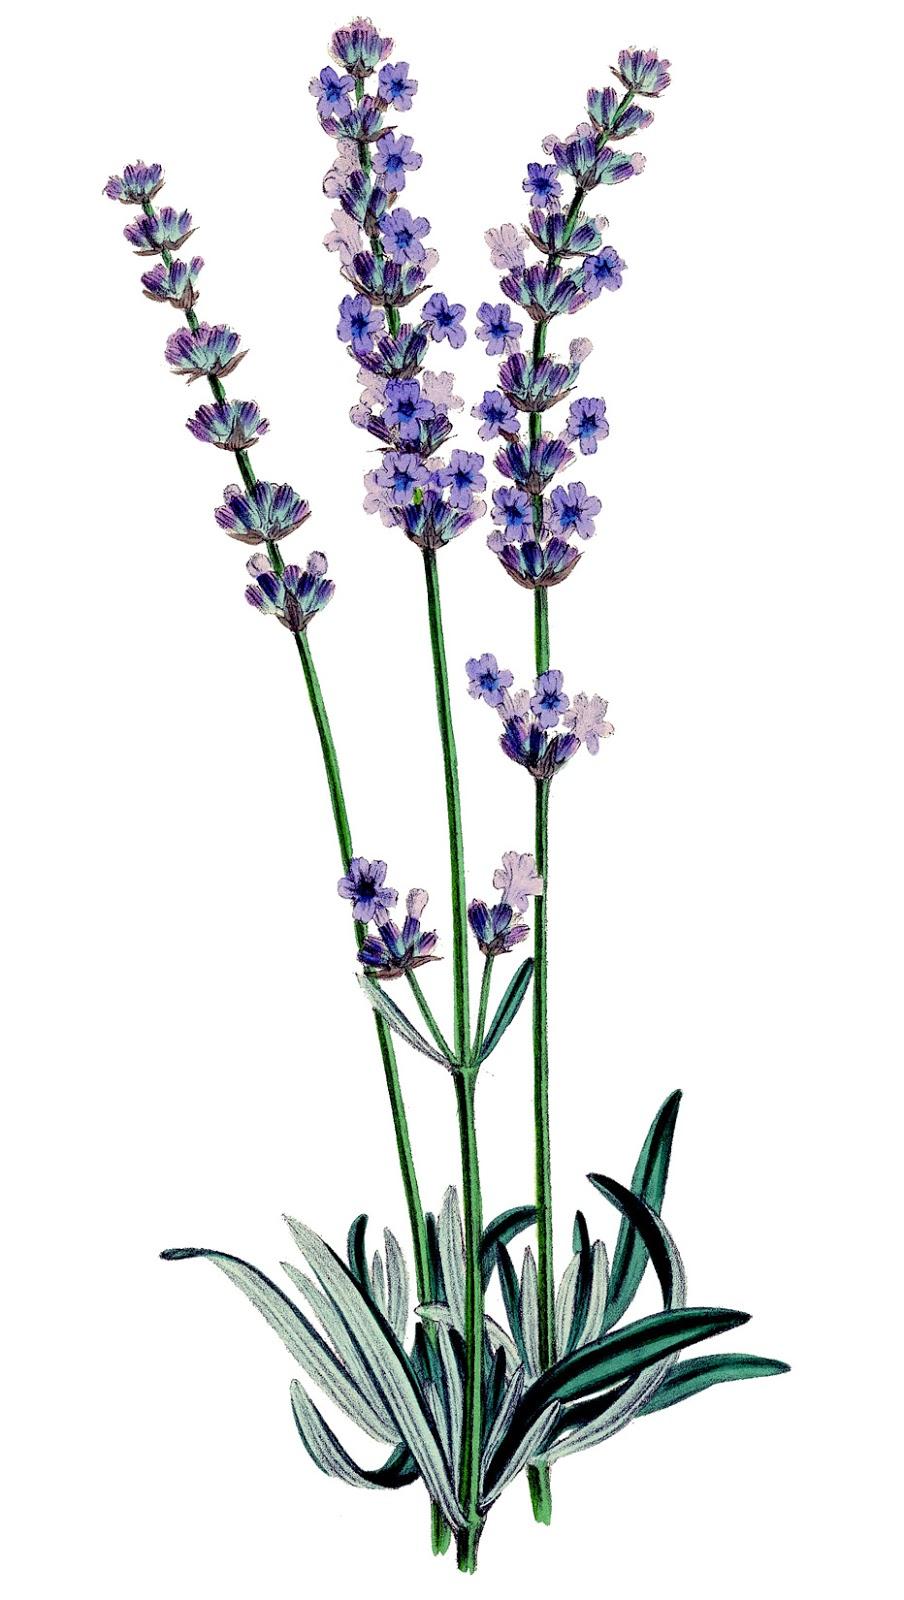 Lavender clipart #5